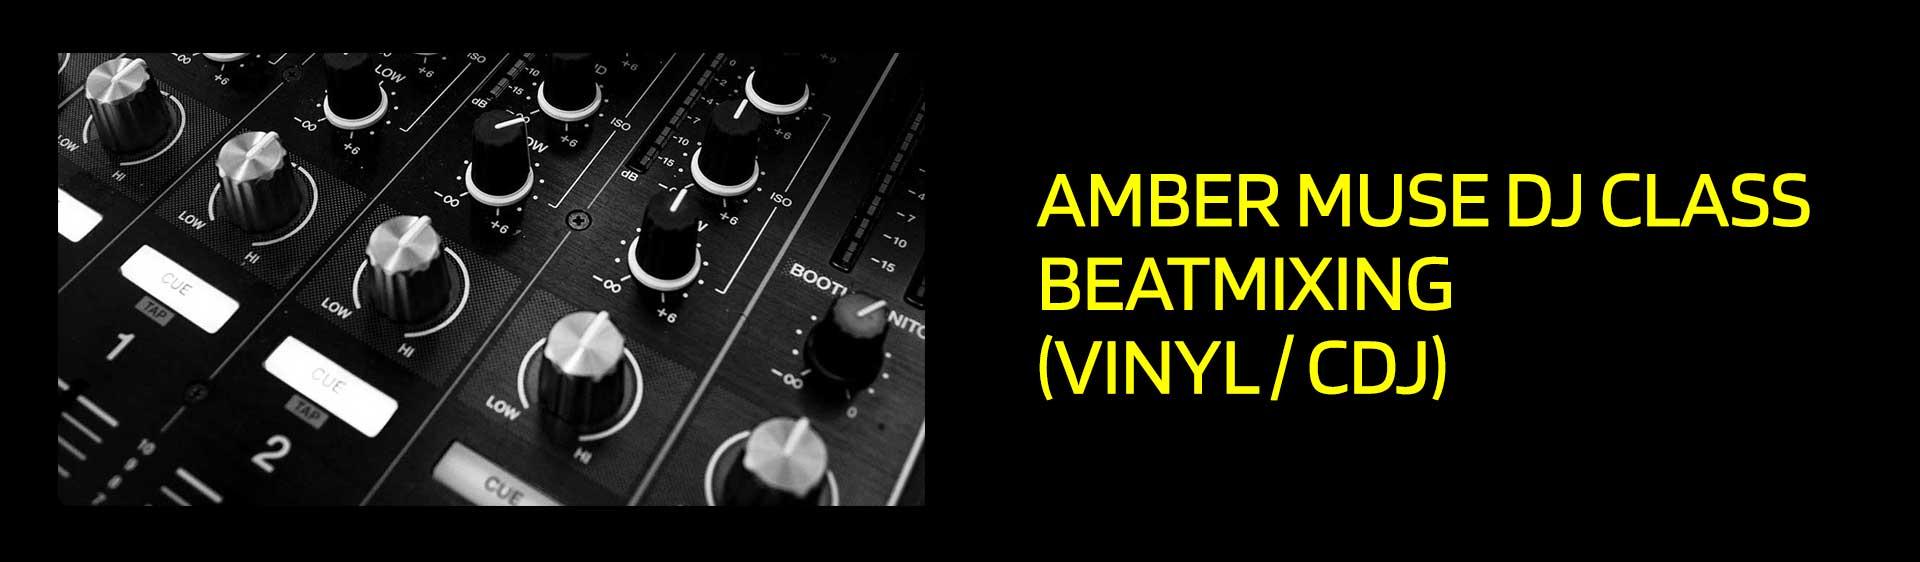 Amber Muse dj Class Beatmix 2